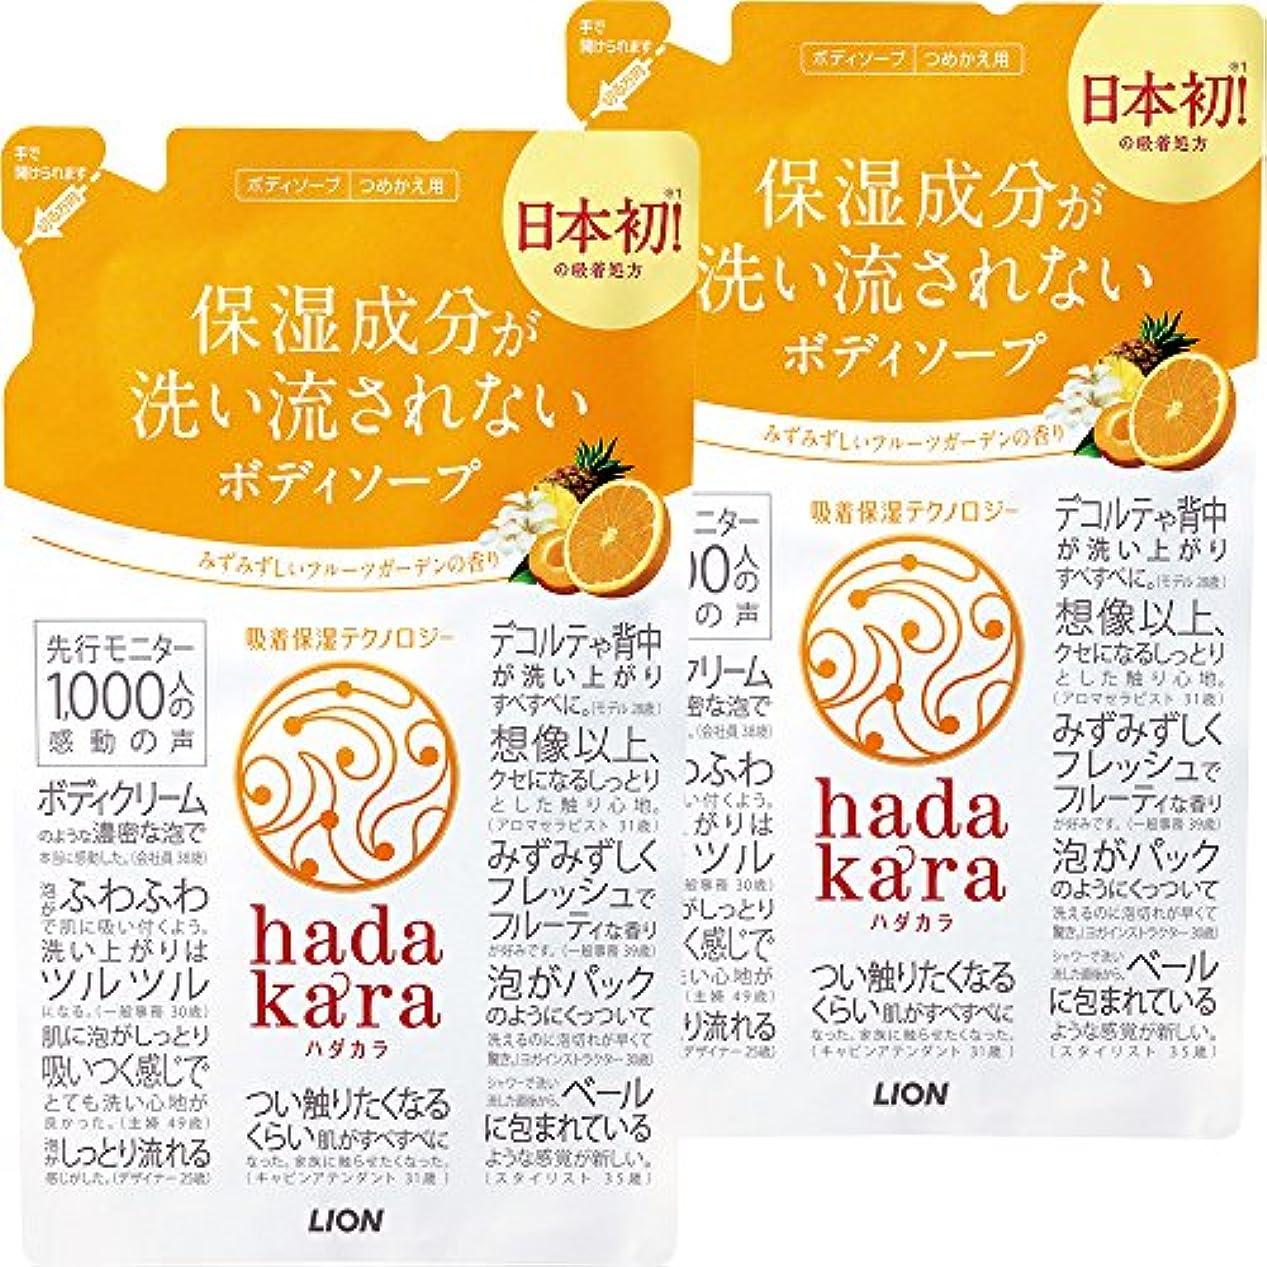 方法発掘目指す【まとめ買い】hadakara(ハダカラ) ボディソープ フルーツガーデンの香り 詰め替え 360ml×2個パック